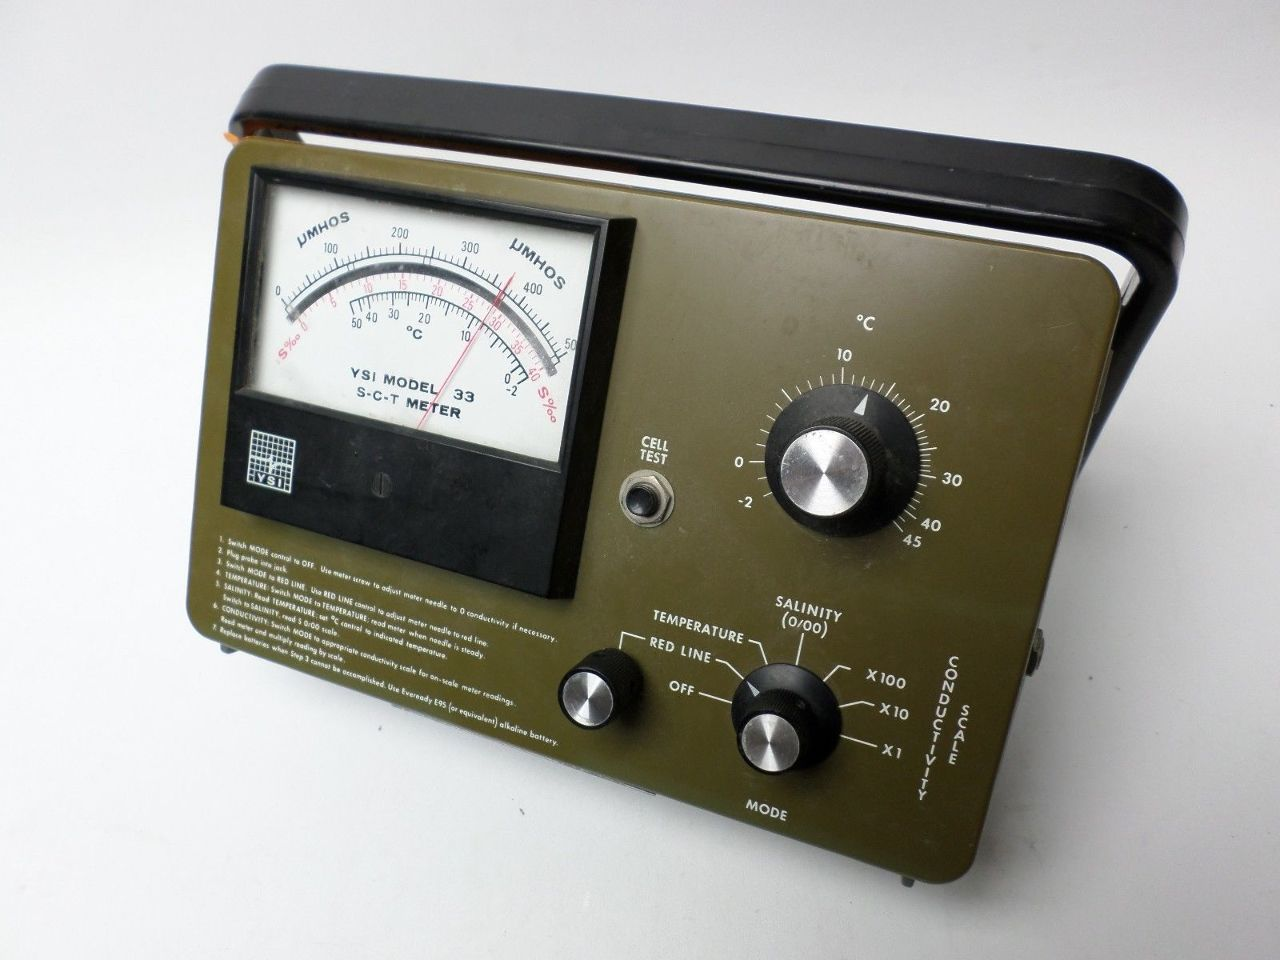 YSI MODEL 33 S-C-T METER Salinity meter Vintage w/case | Indy Surplus Store